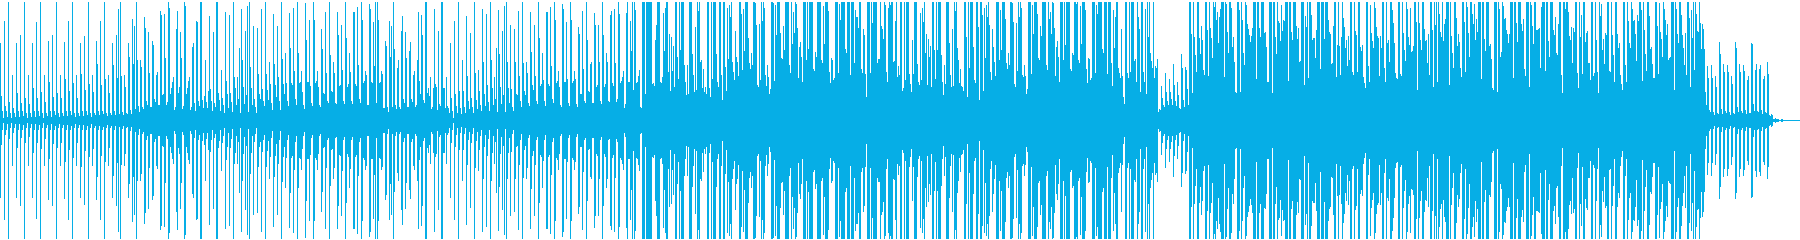 シンプルなコード感の爽やかなBGMの再生済みの波形